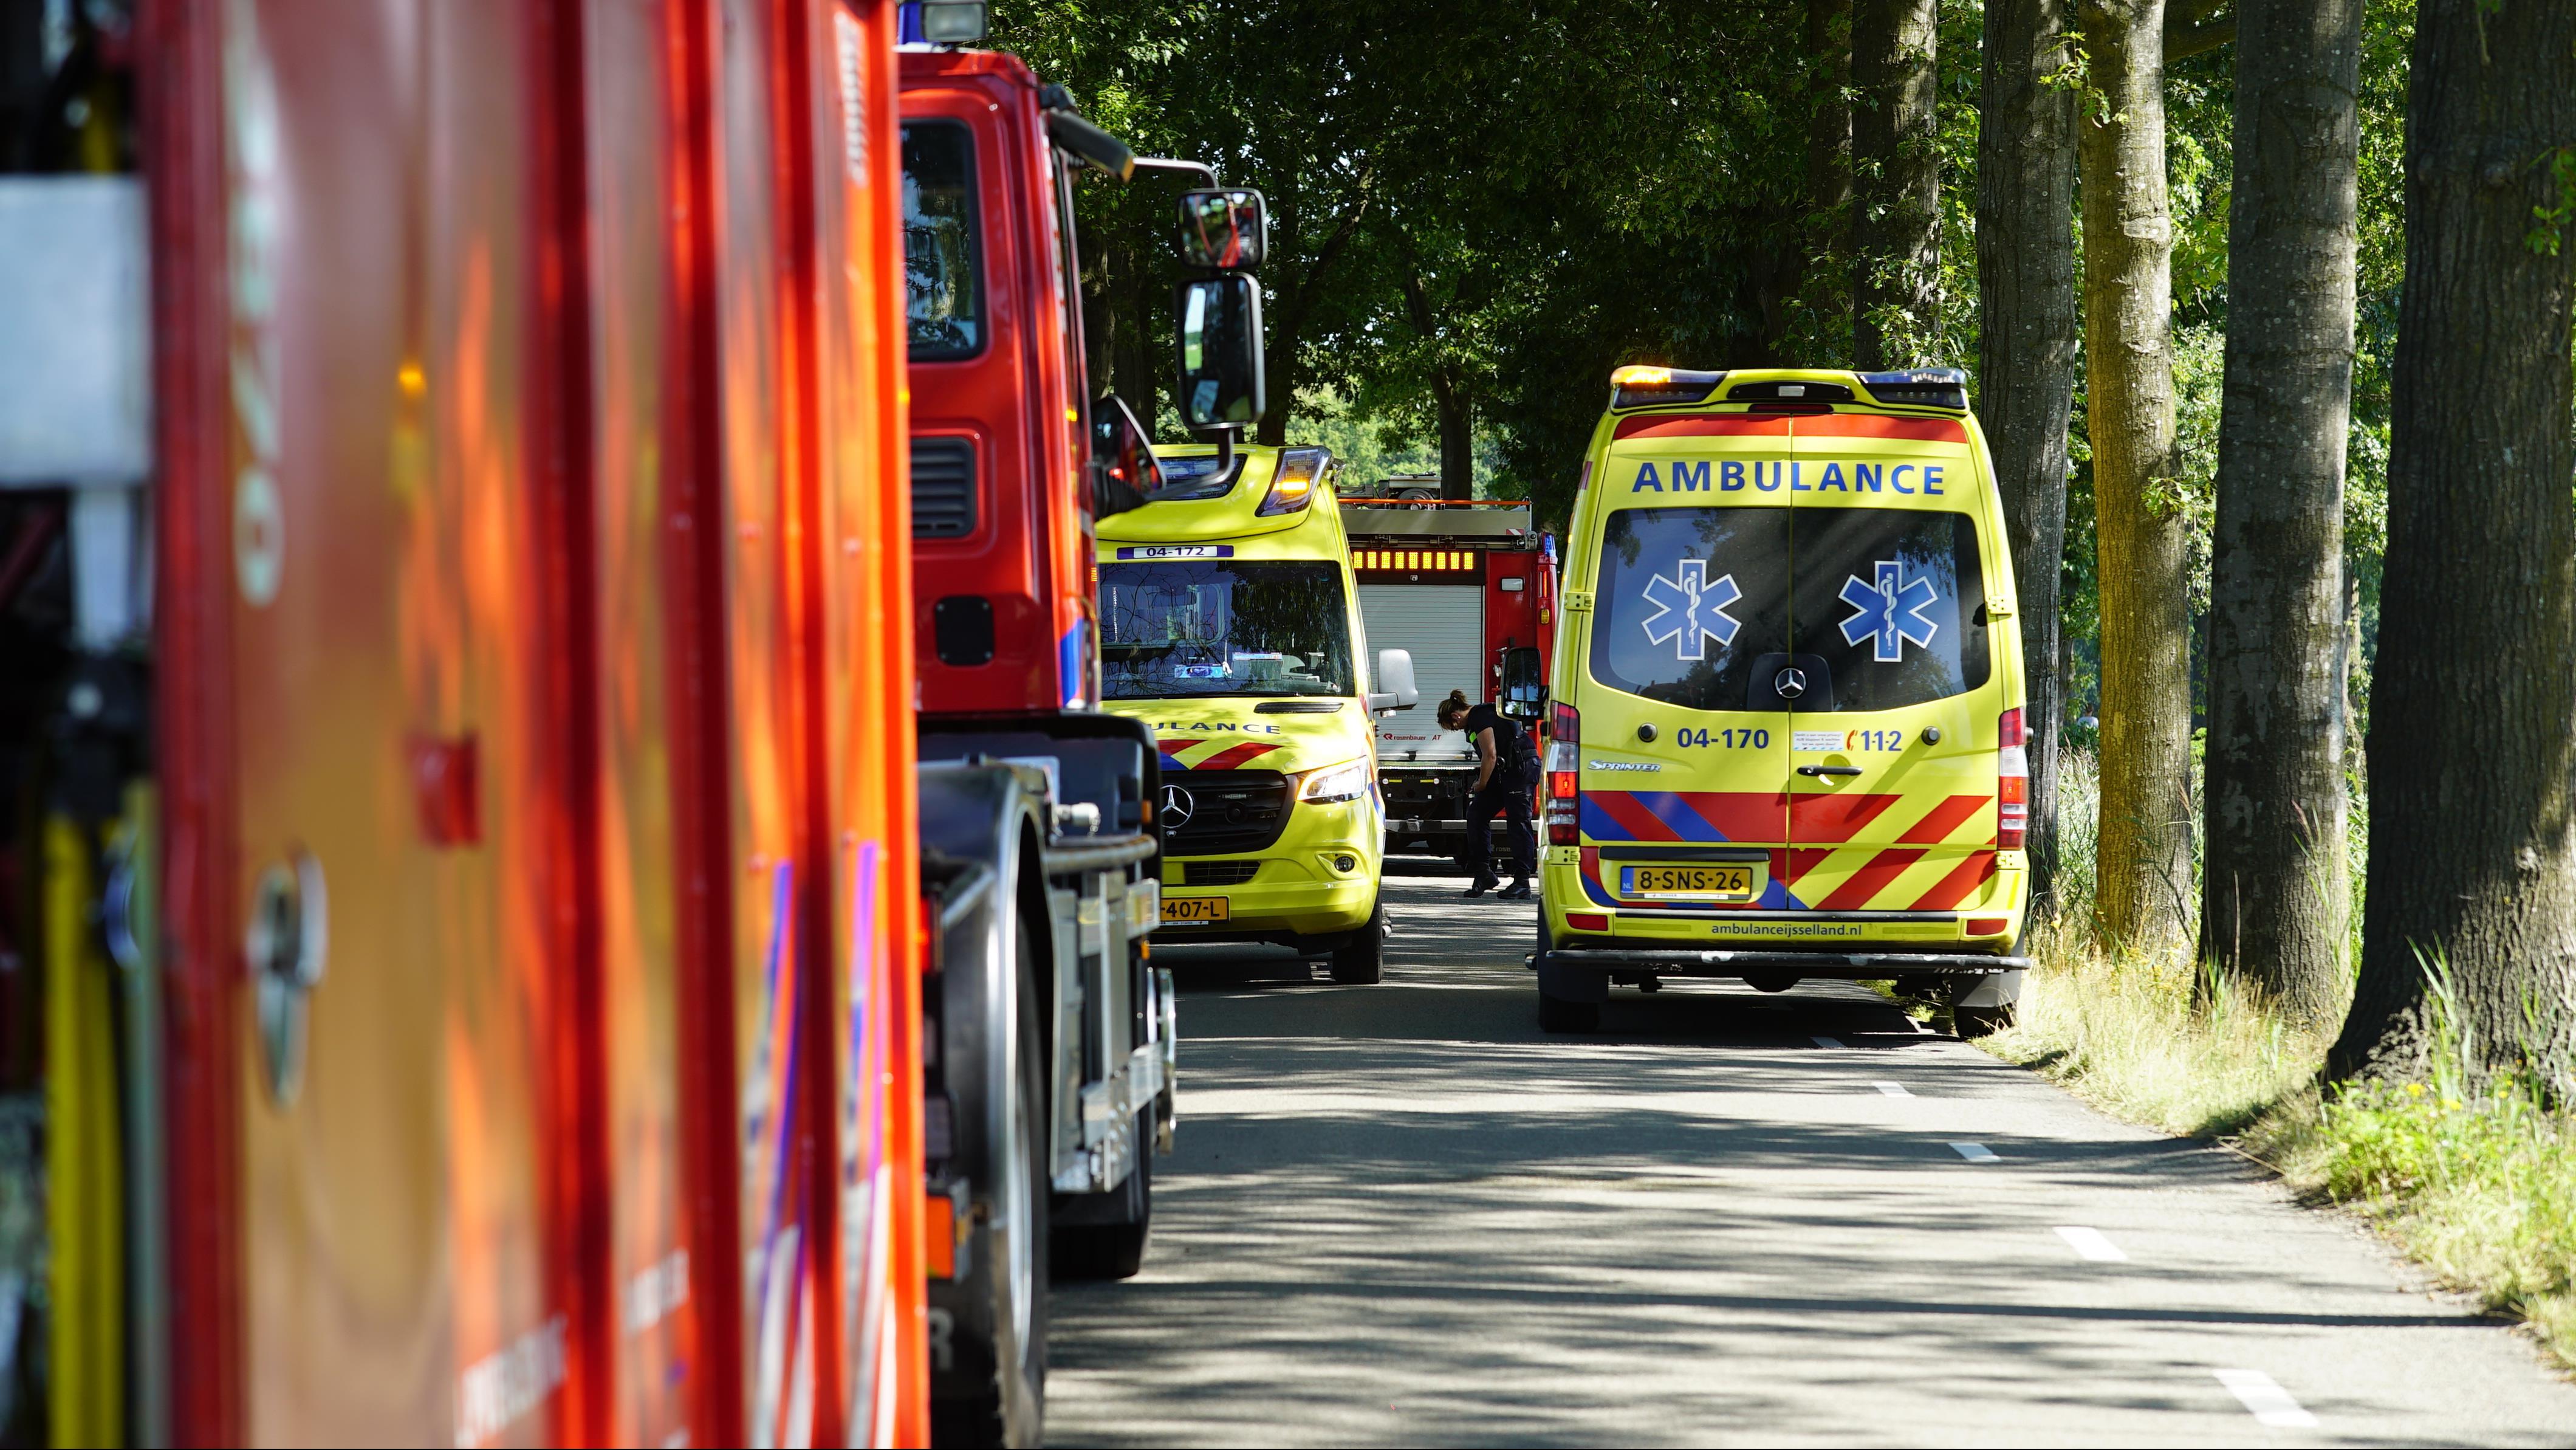 Ernstig ongeval in buitengebied bij Lettele.